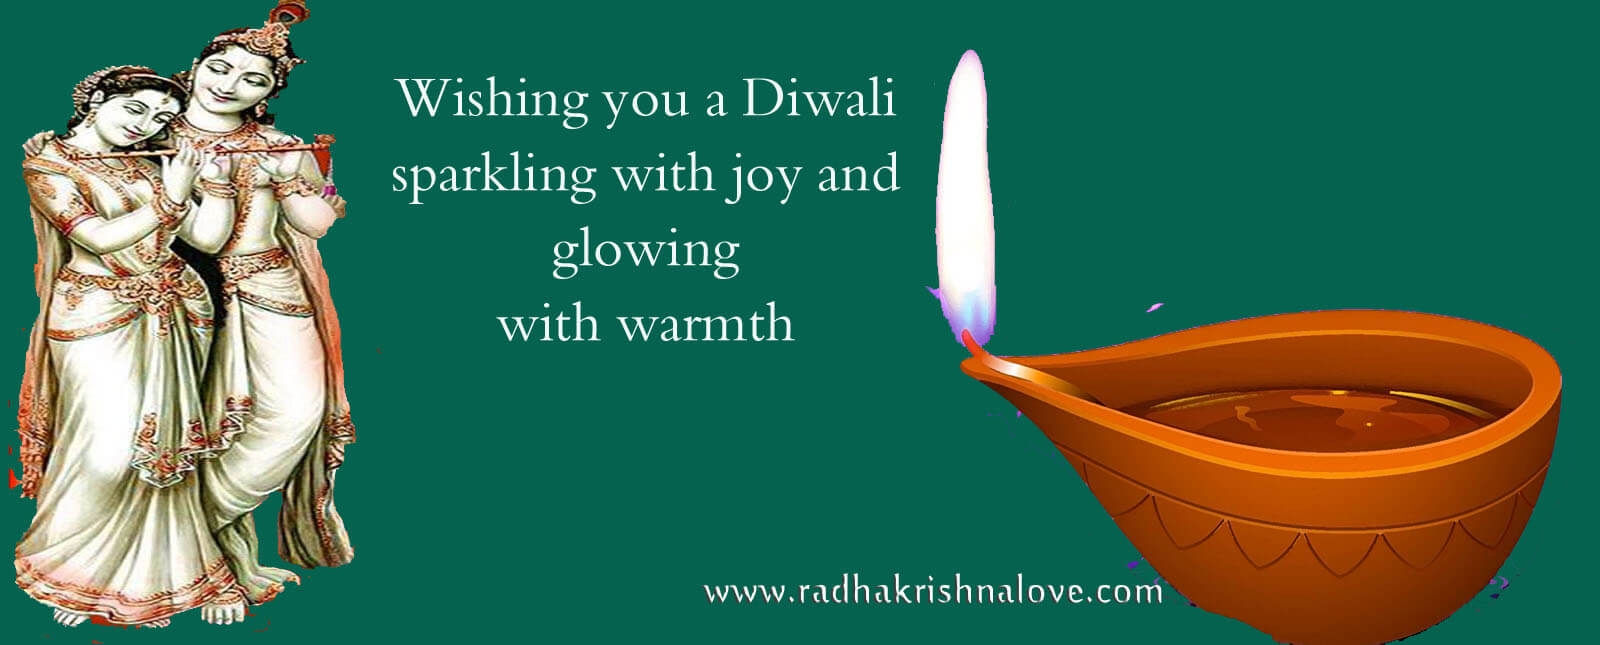 Diwali Radha Krishna Images